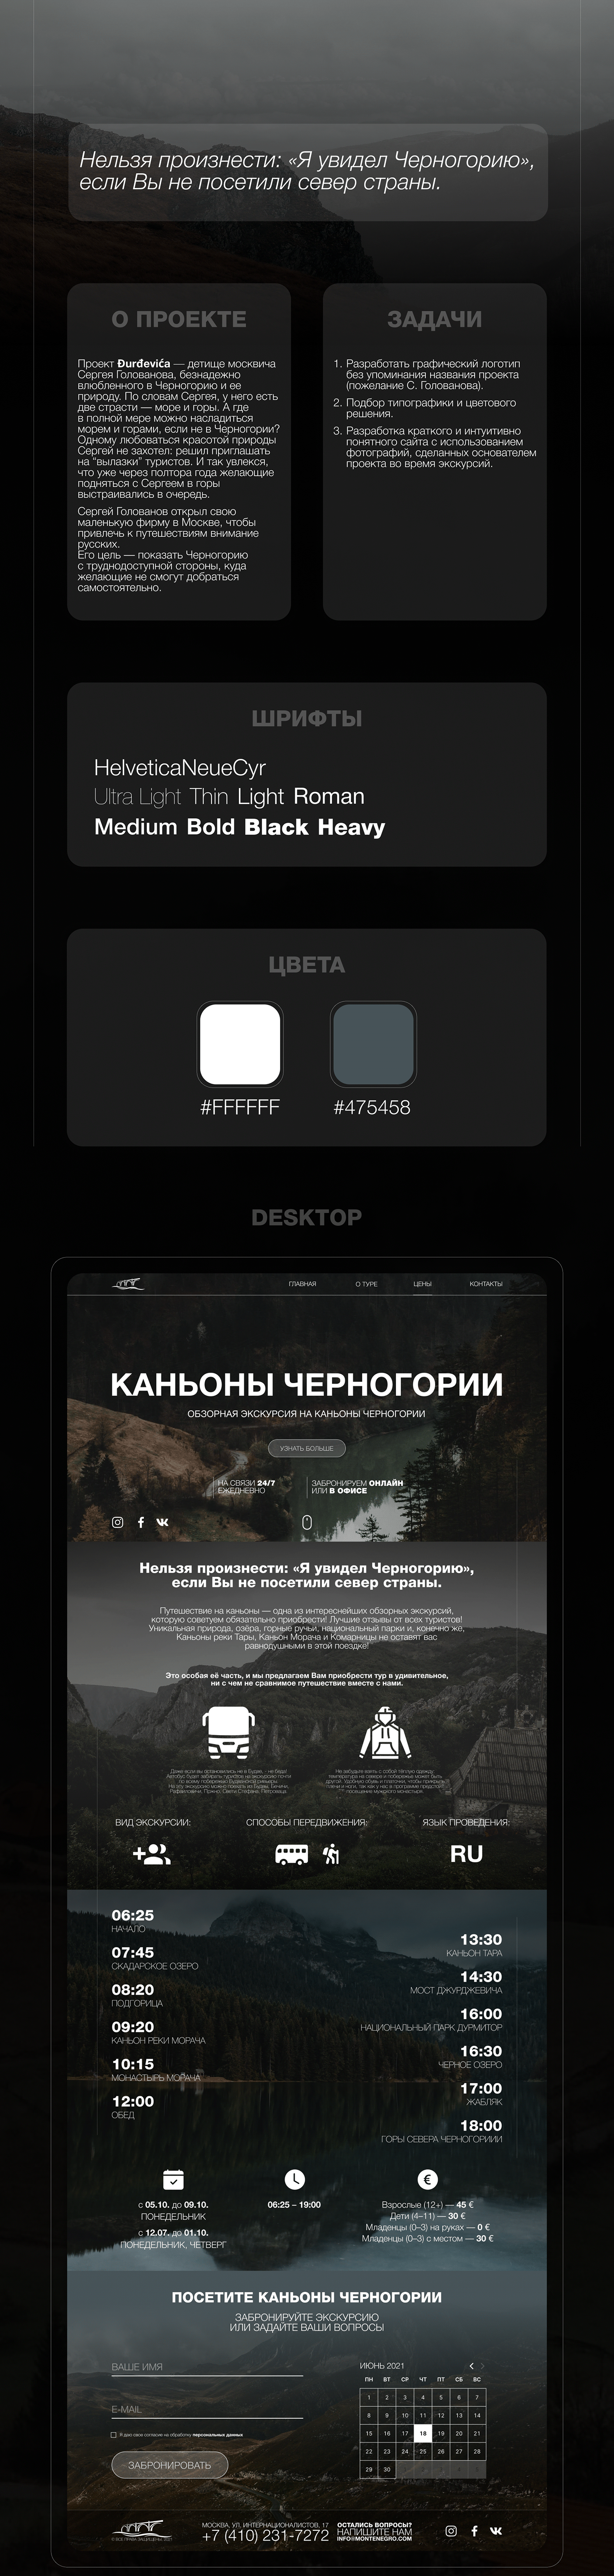 Разработка дизайна сайта об экскурсиях в Черногорию.